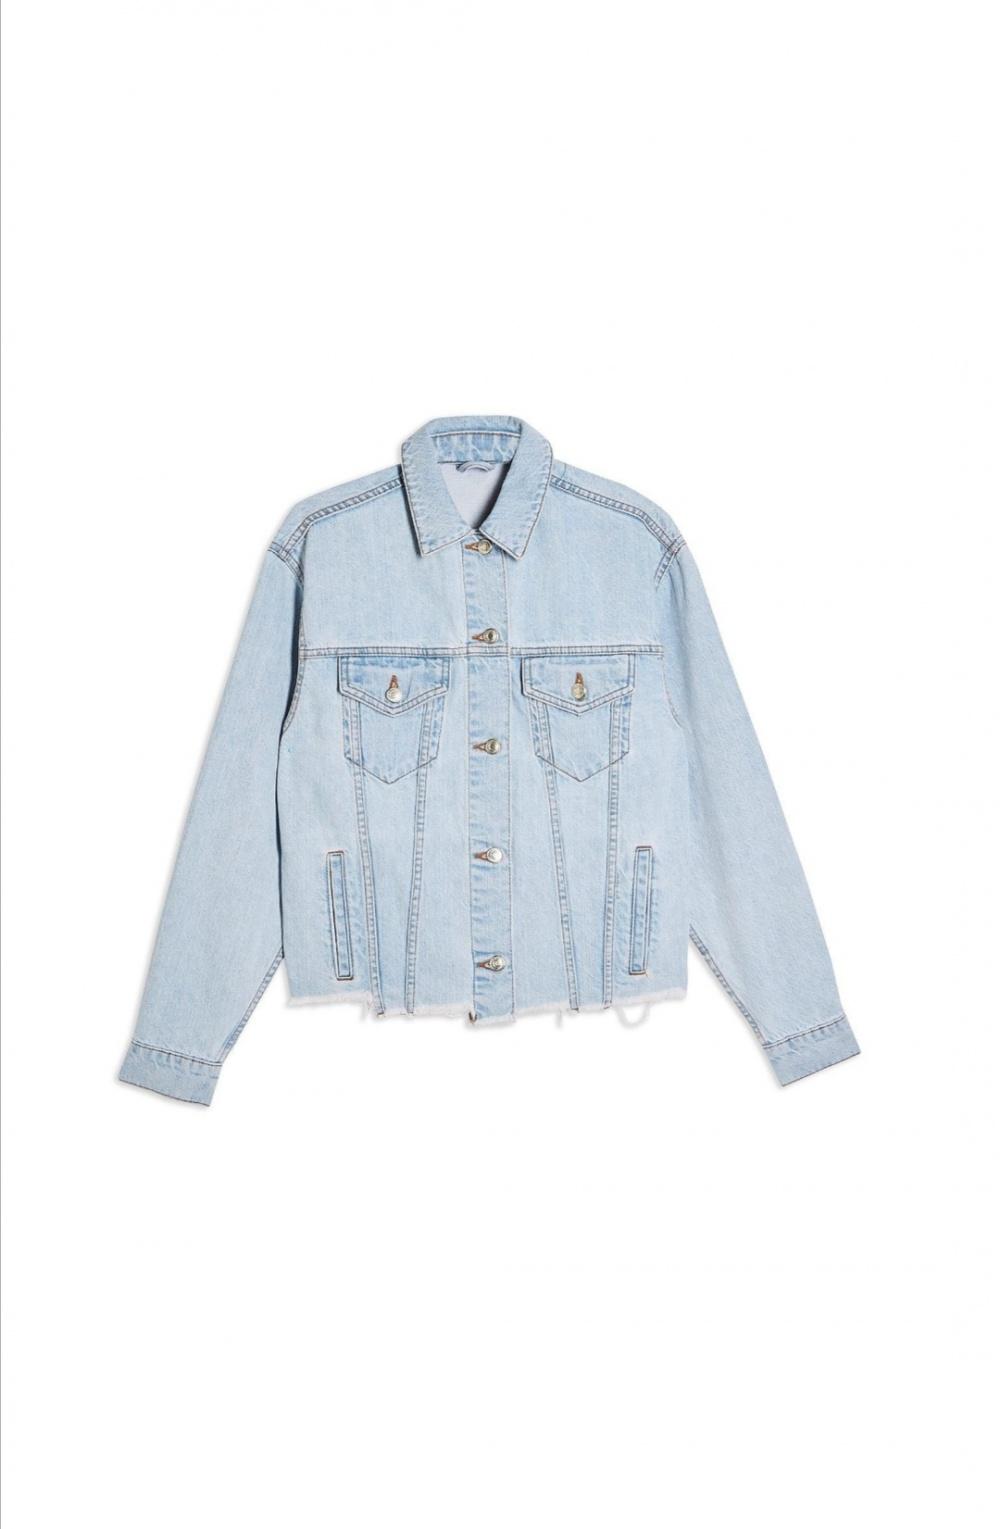 Куртка джинсовая Topshop размер 8 на росс. 40-46